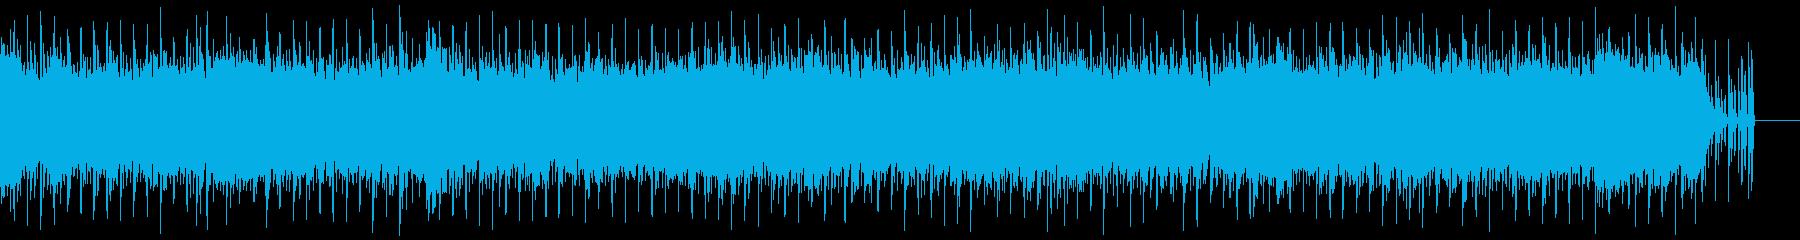 ダンス/ポップ/エレクトニック系。スト…の再生済みの波形